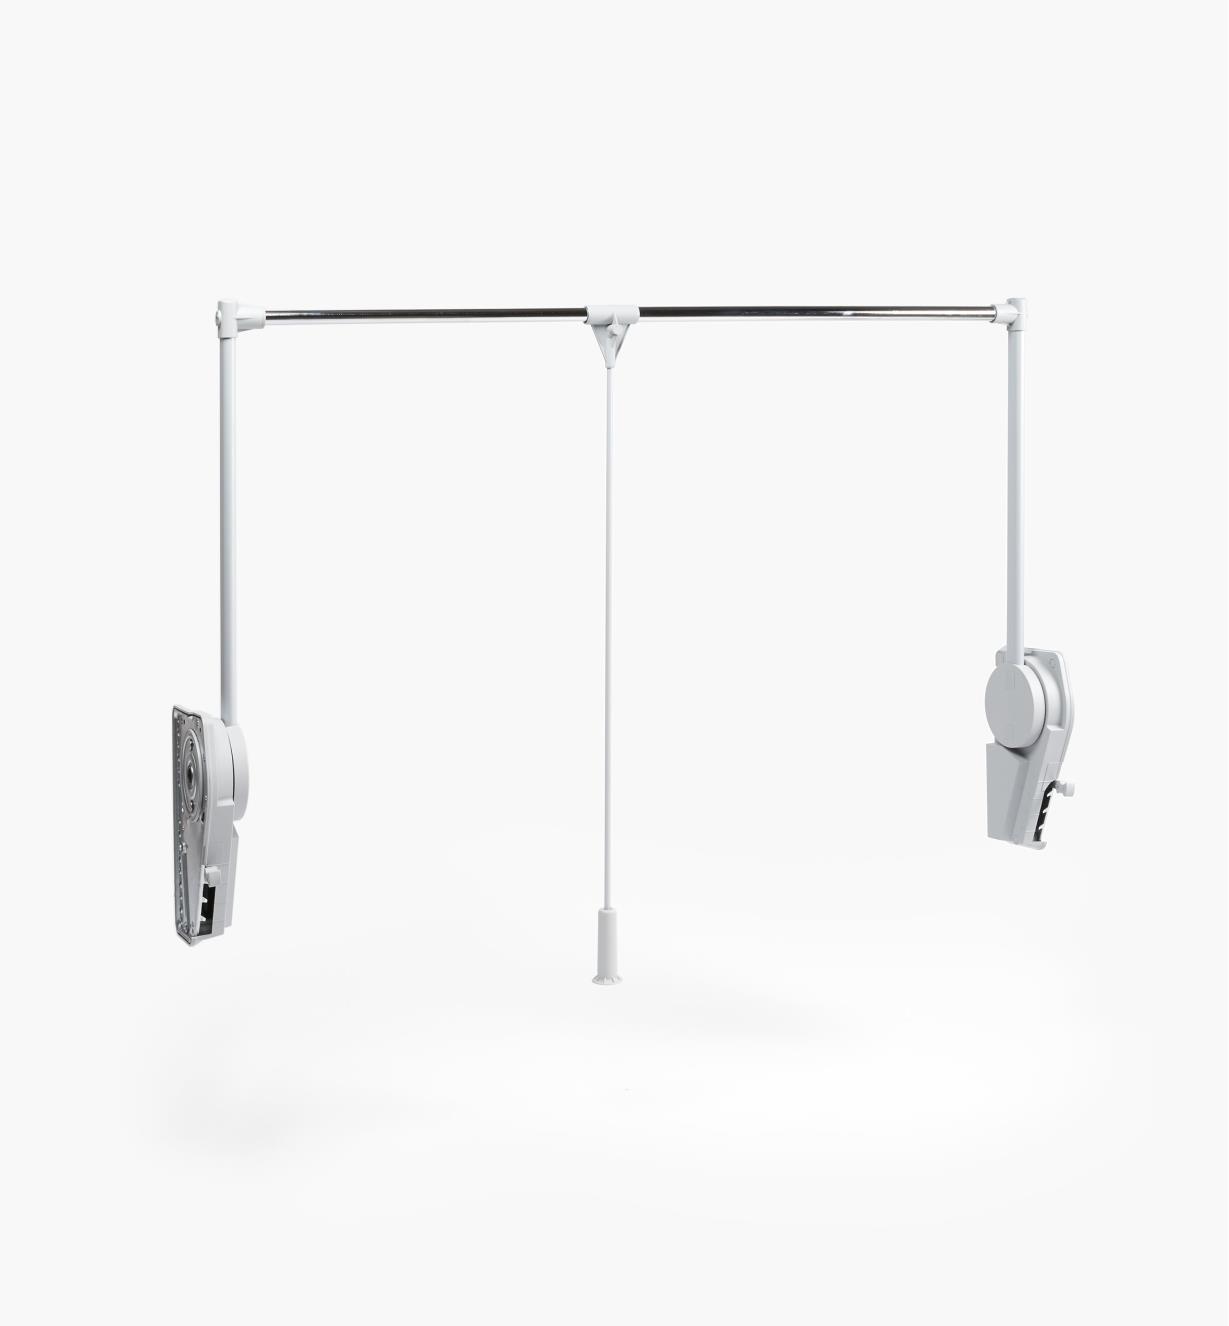 12K1820 - 44 lb/20kg Closet Rod Lift Mechanism